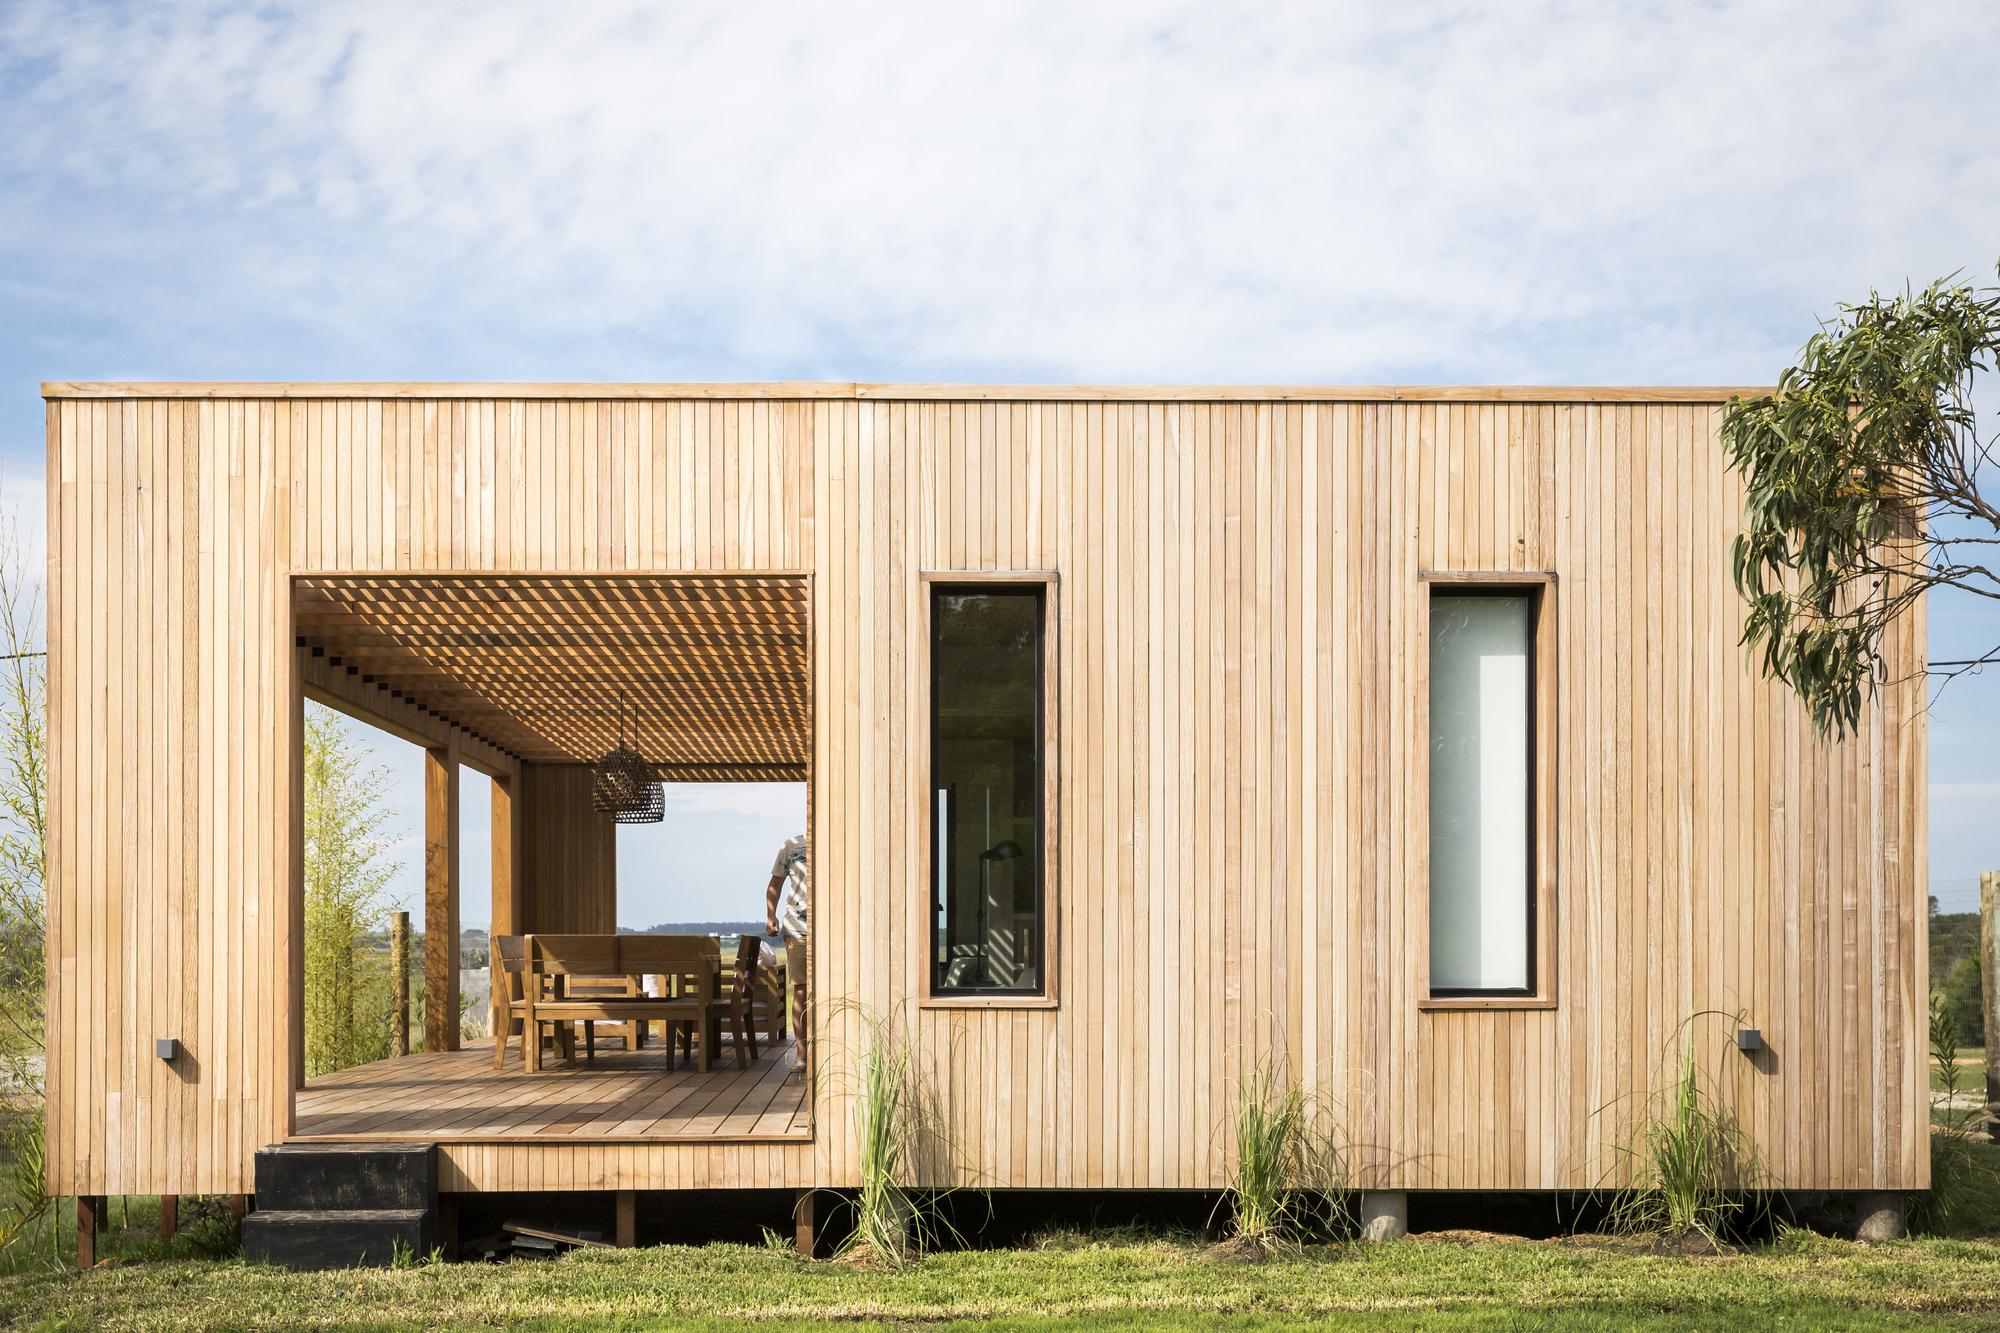 Casa i n f i n i t a el carmen plataforma arquitectura - Mas arquitectura ...